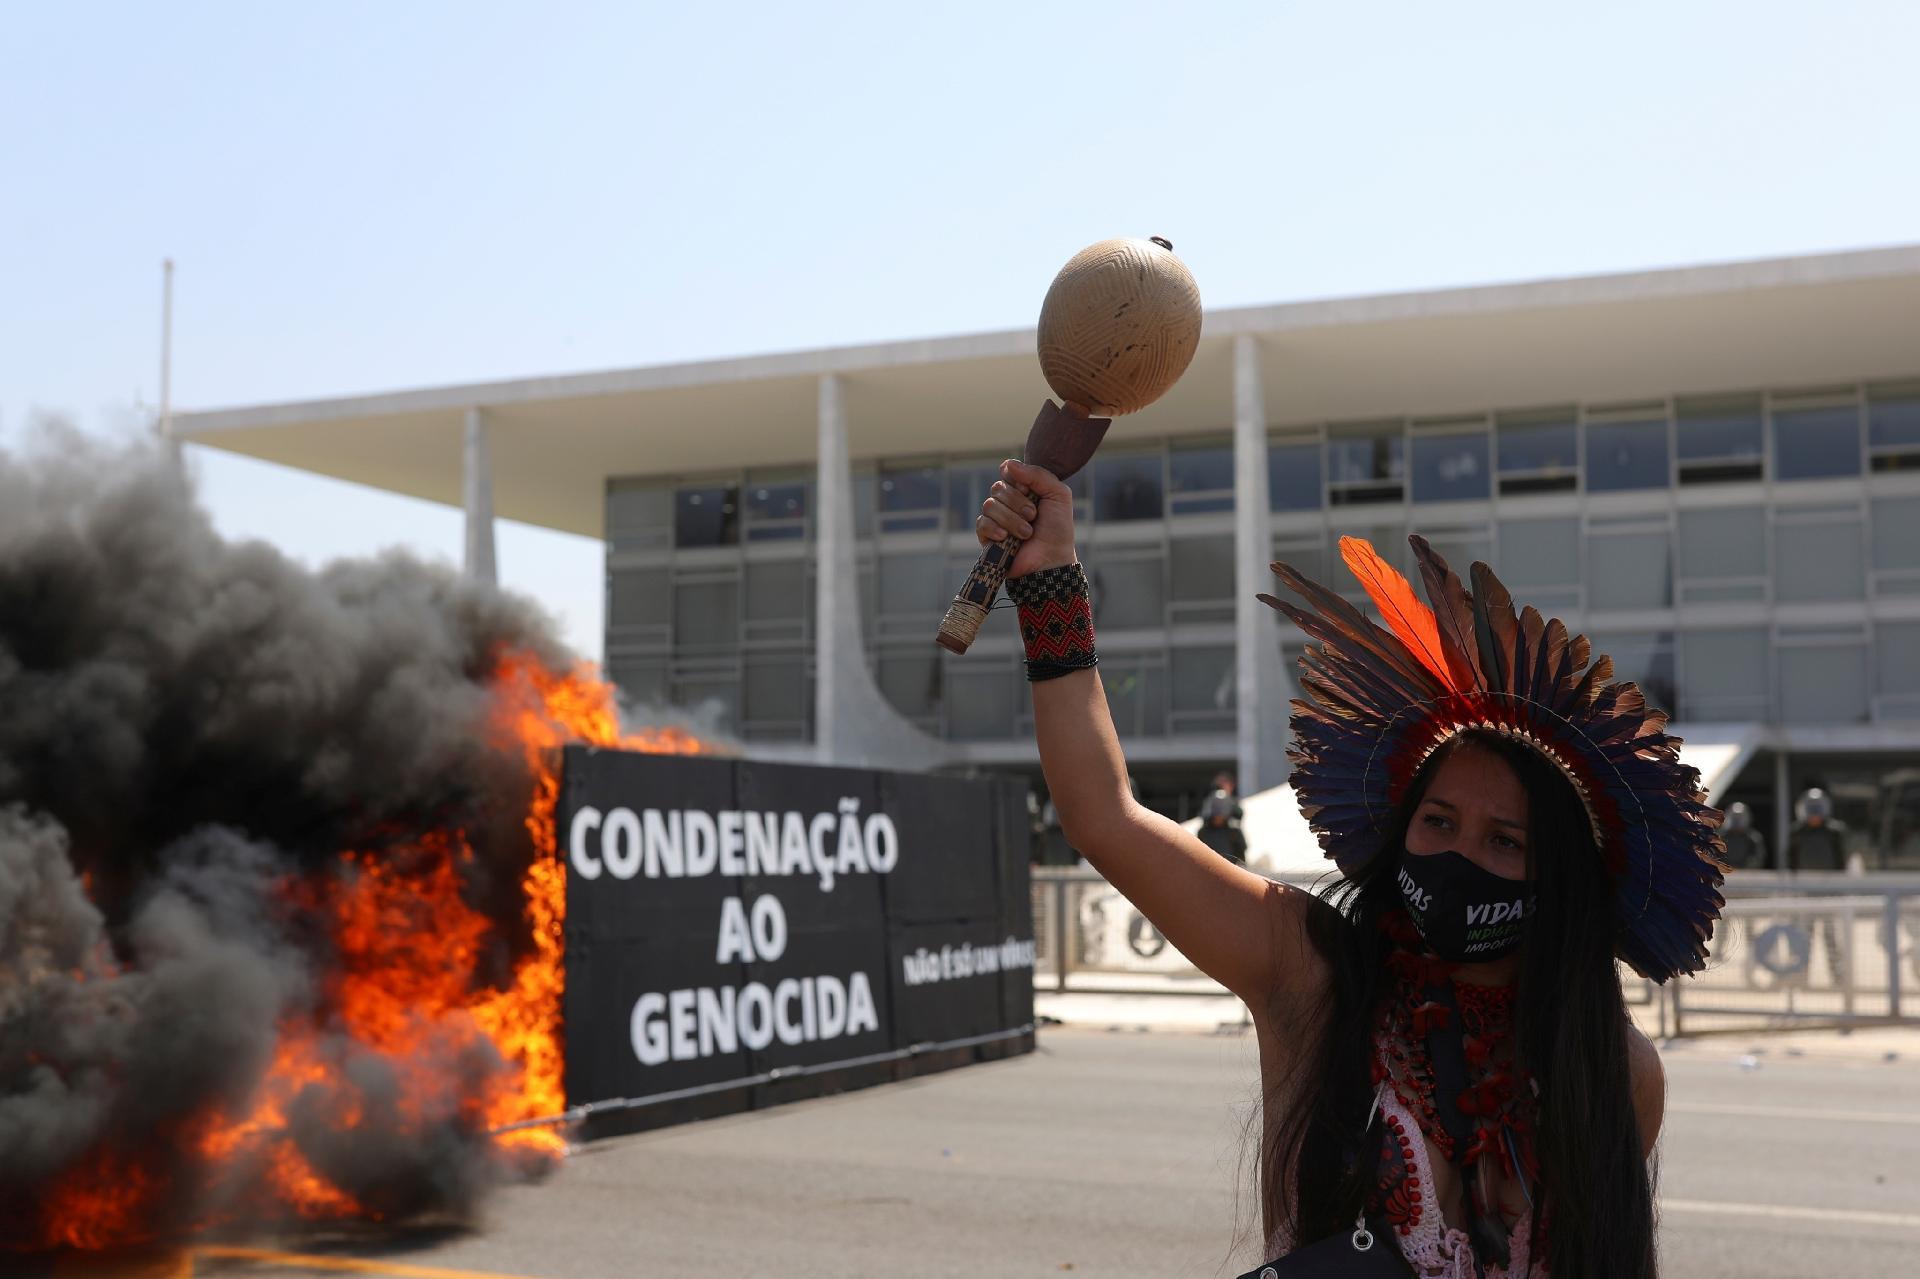 Indígenas protestam em frente ao Palácio do Planalto, em Brasília, colocando fogo em caixão, gerando fumaça preta - Amanda Perobelli/Reuters